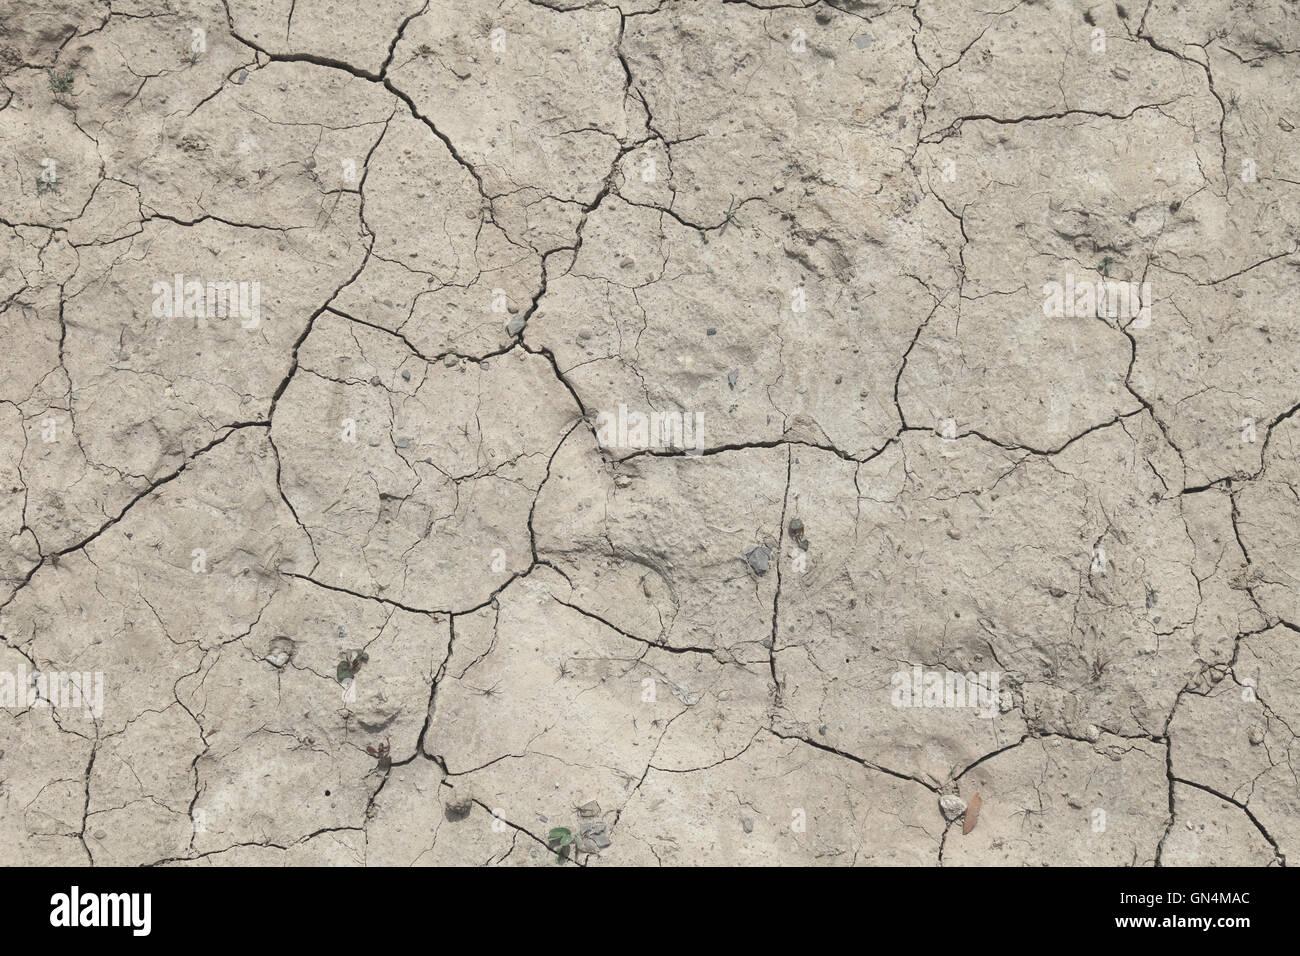 Water shortage - Stock Image